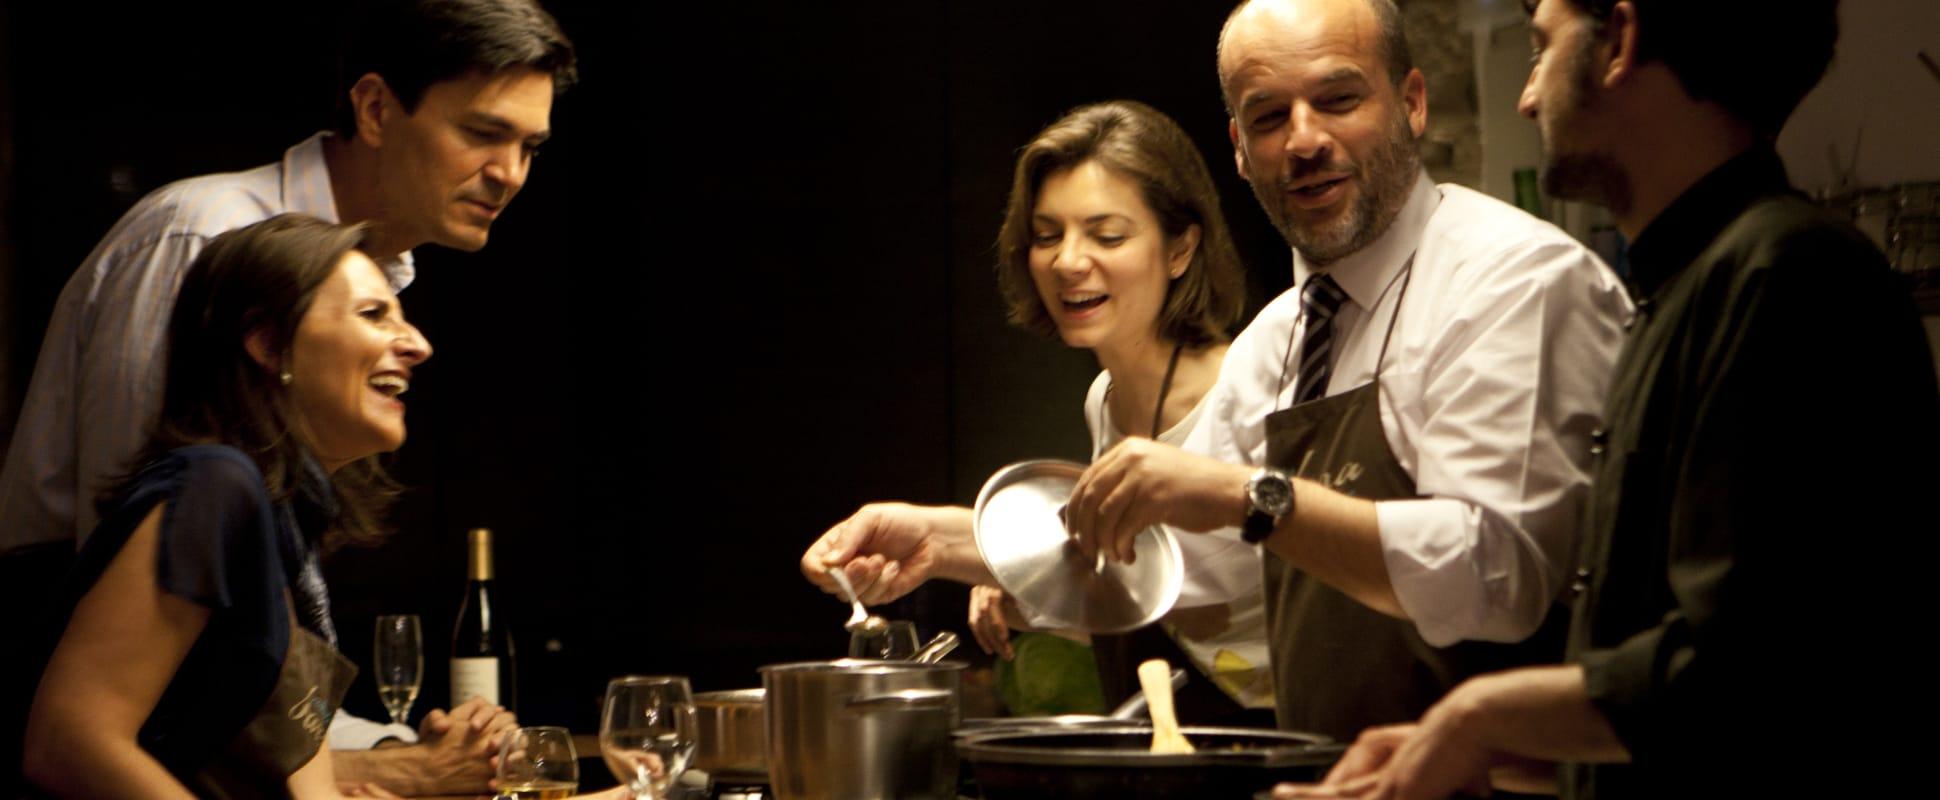 Cook&Taste - Company Events - Activitats per a Empreses - Actividades para Empresas